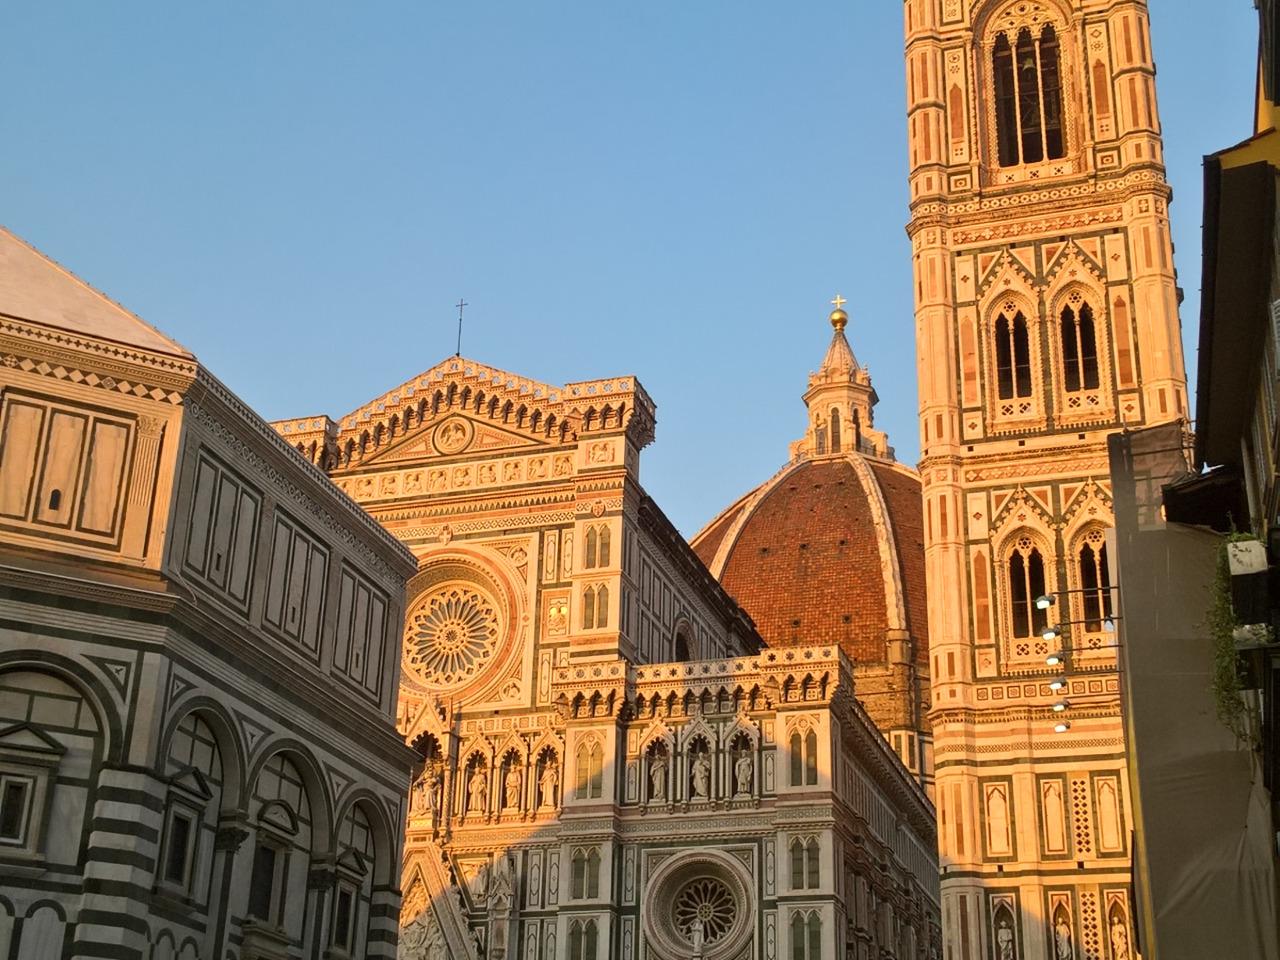 Обзорная по Флоренции: шедевры зодчества за 3 часа - индивидуальная экскурсия во Флоренции от опытного гида